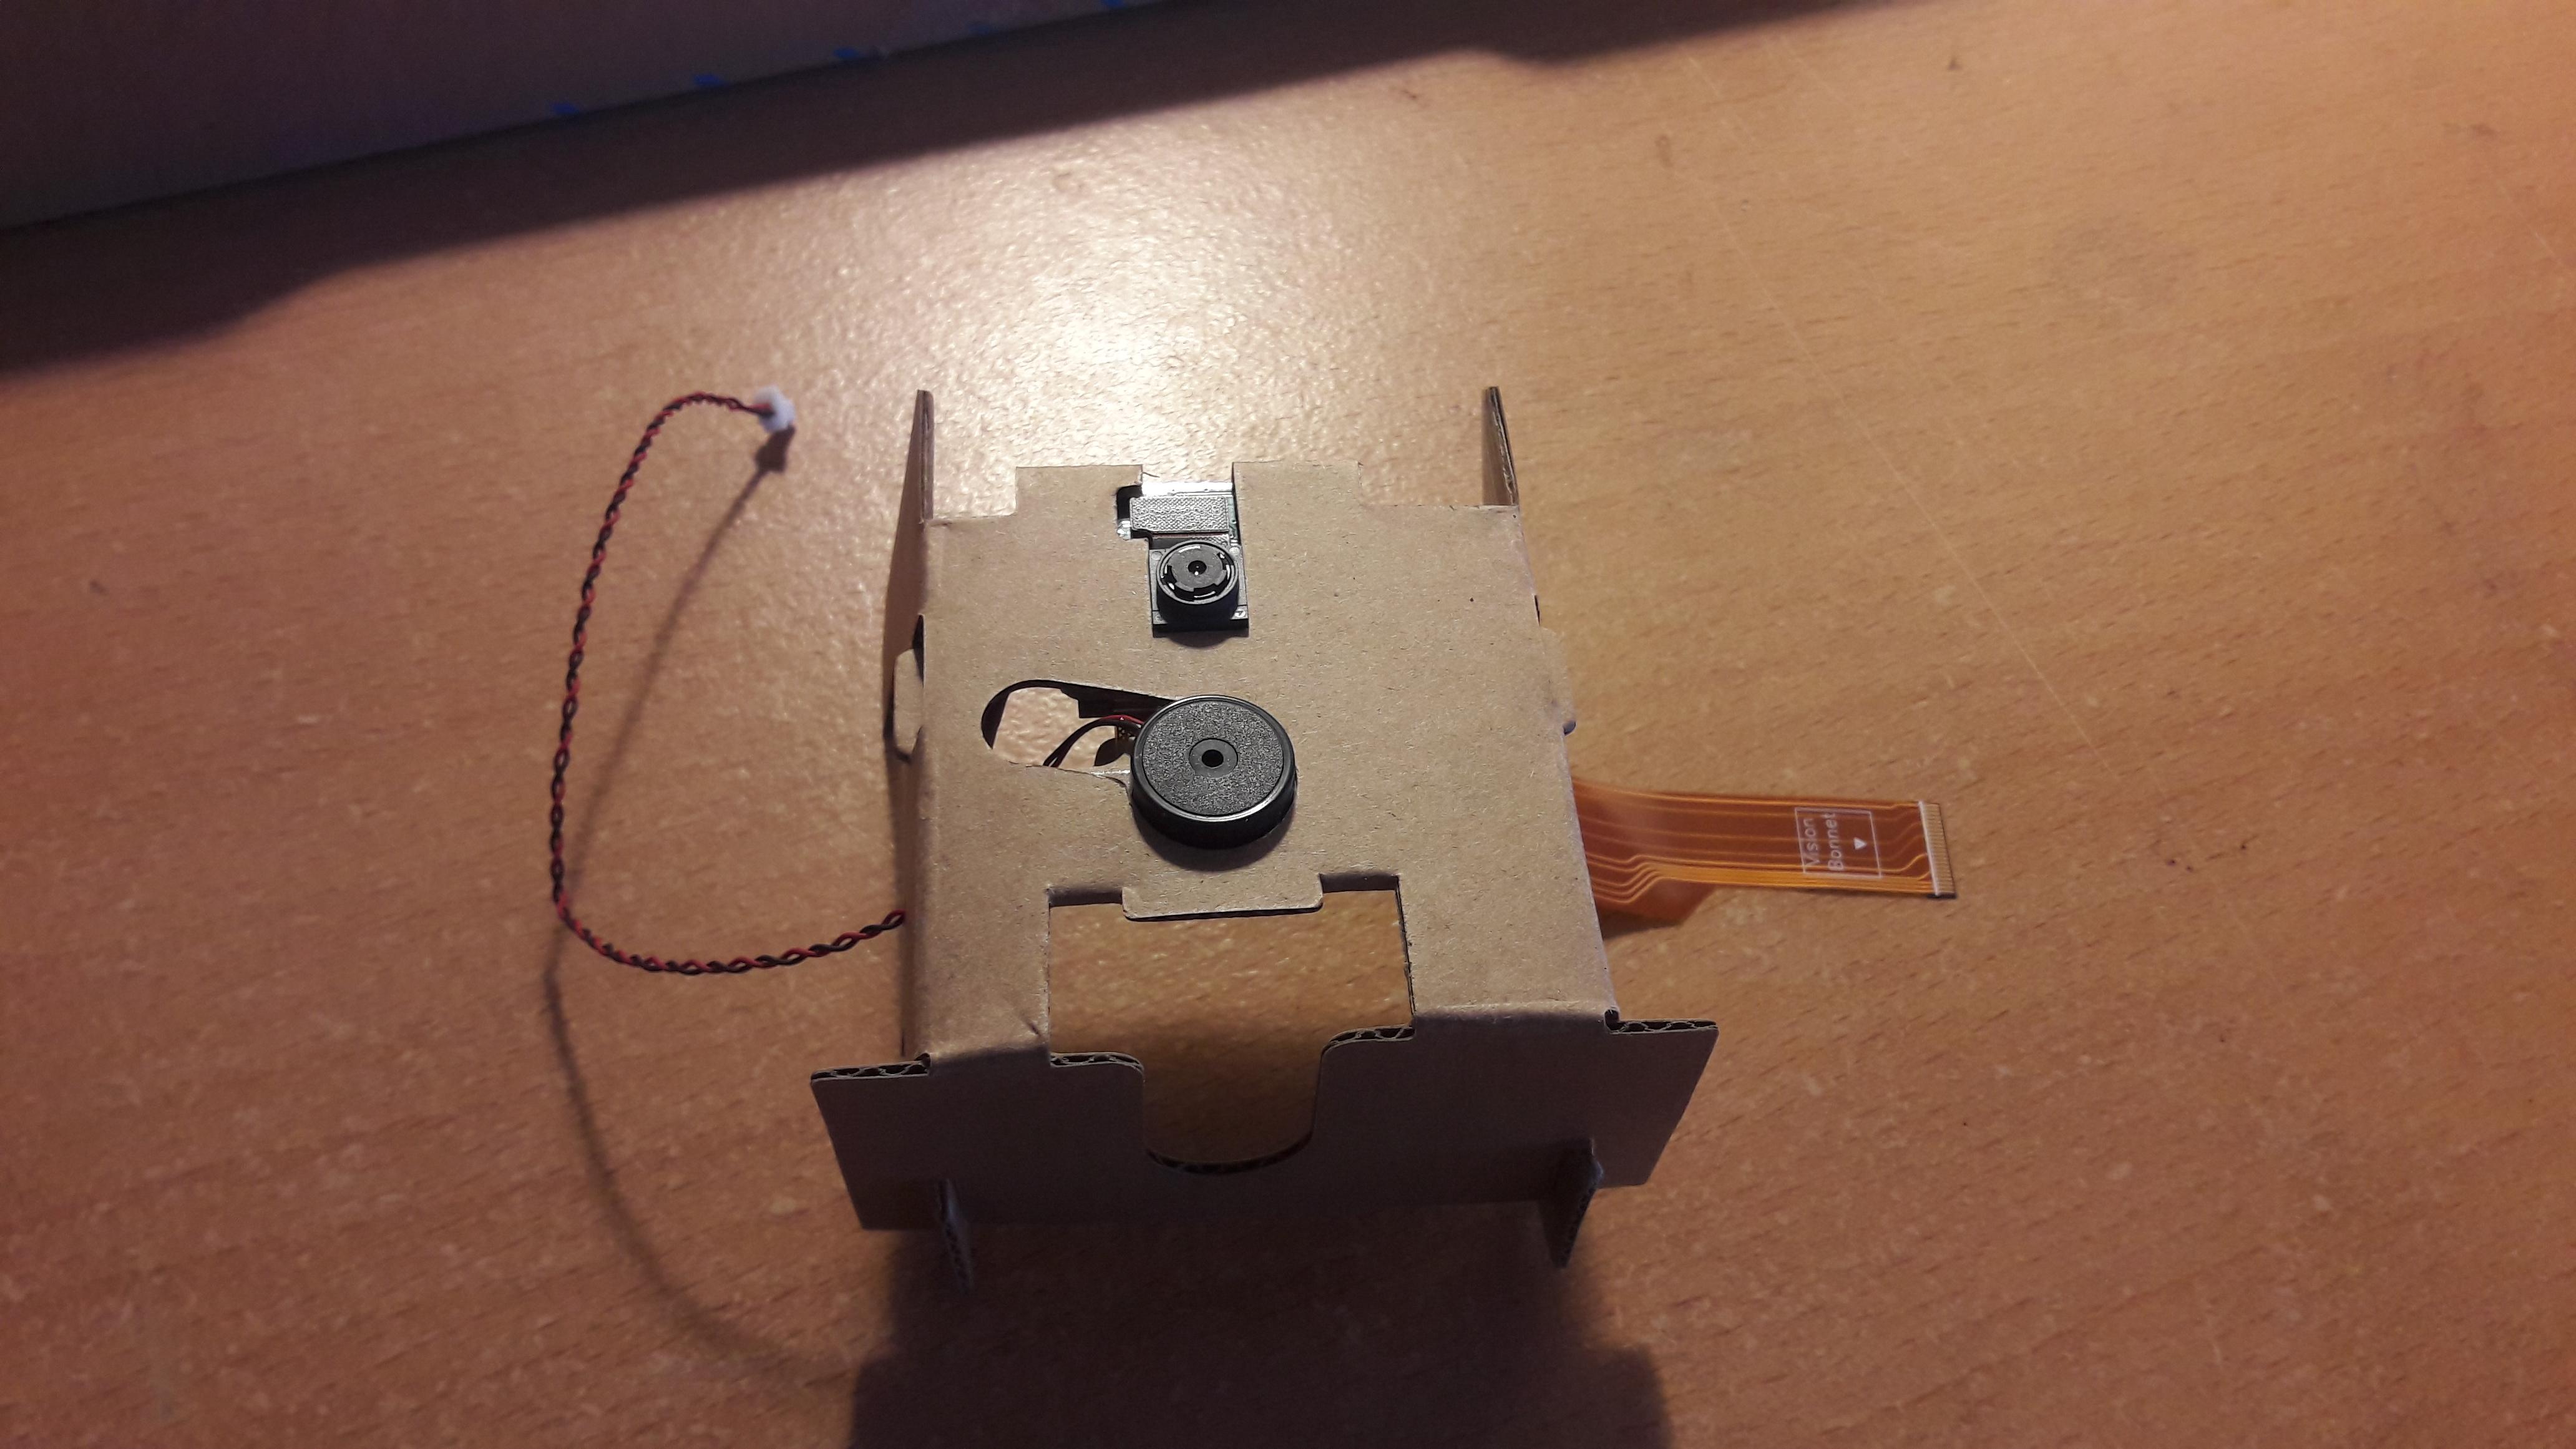 Vision Kit camera insert